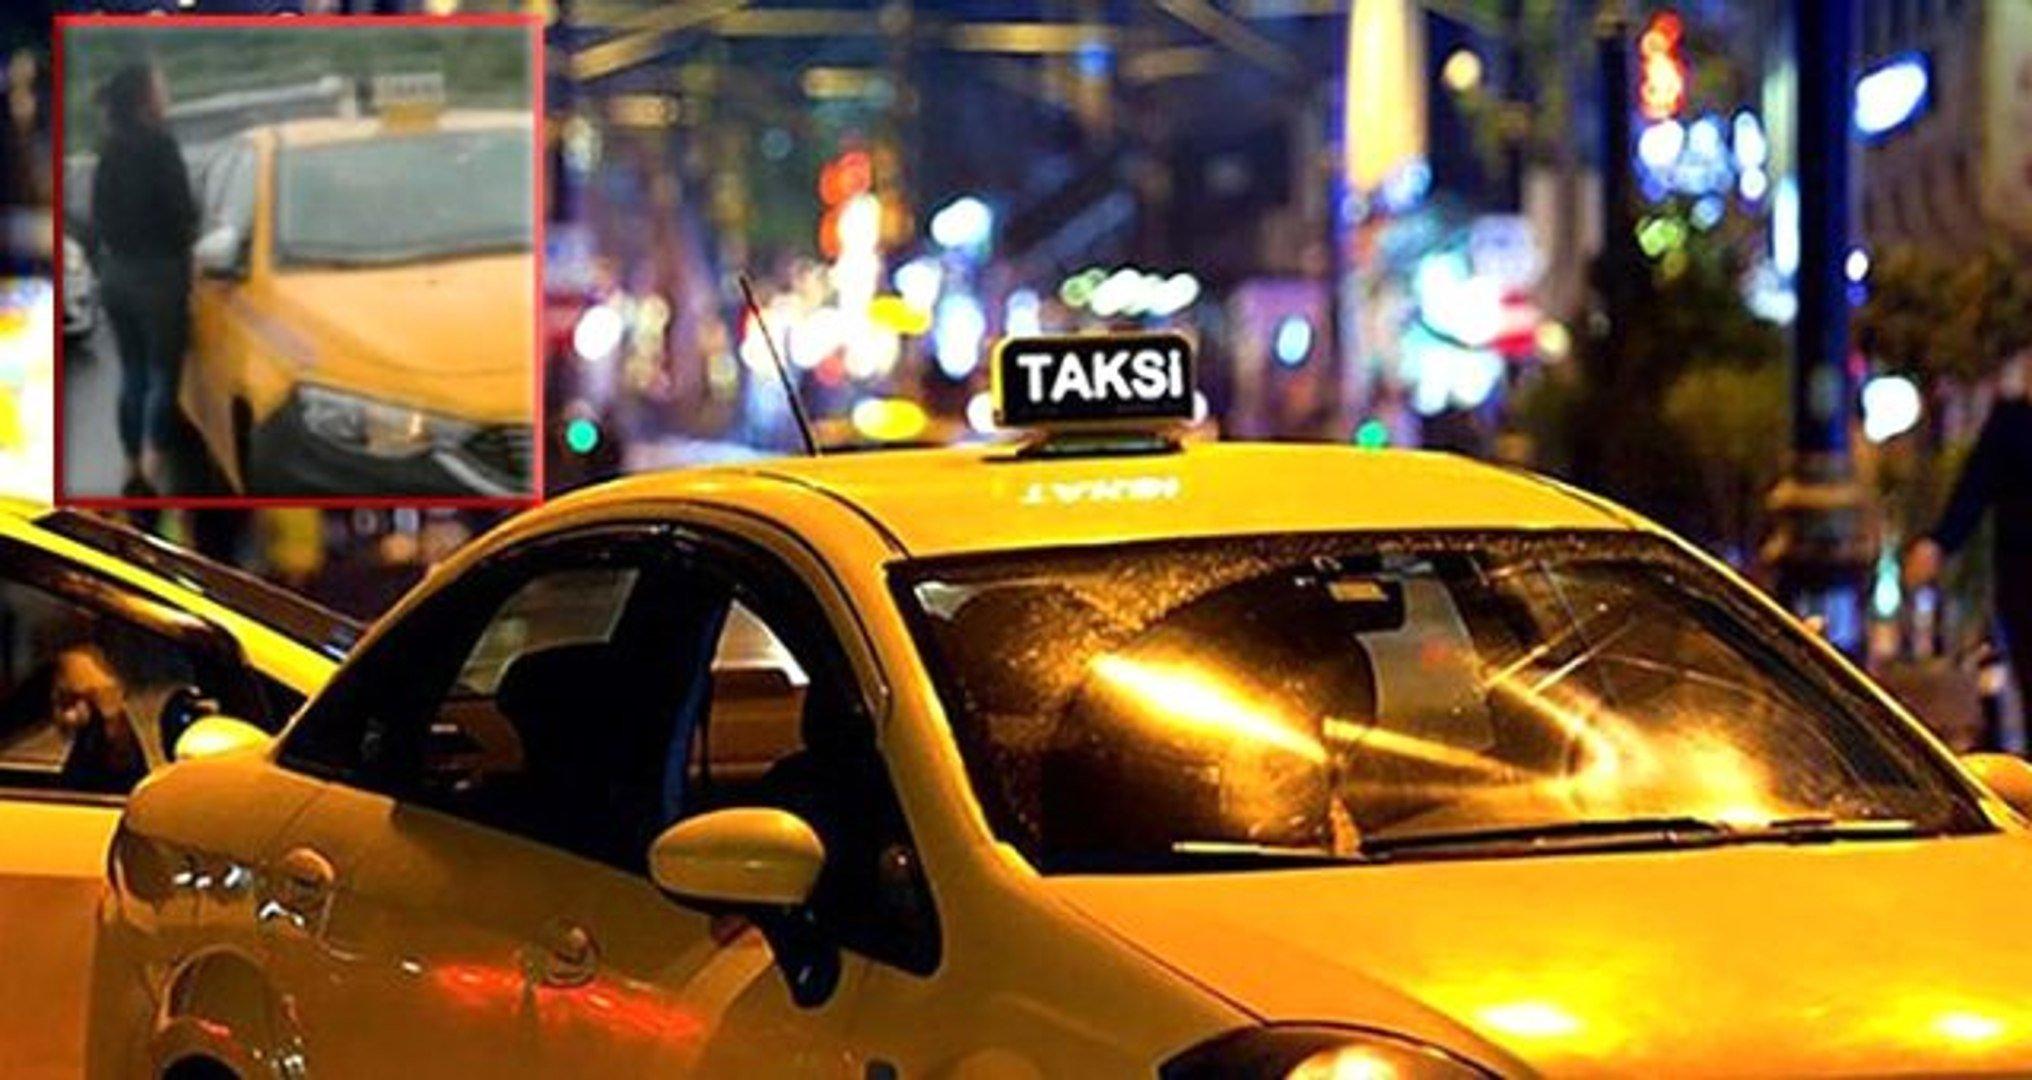 Photo of Kadın Yaya ile Taksici Arasında Tartışma